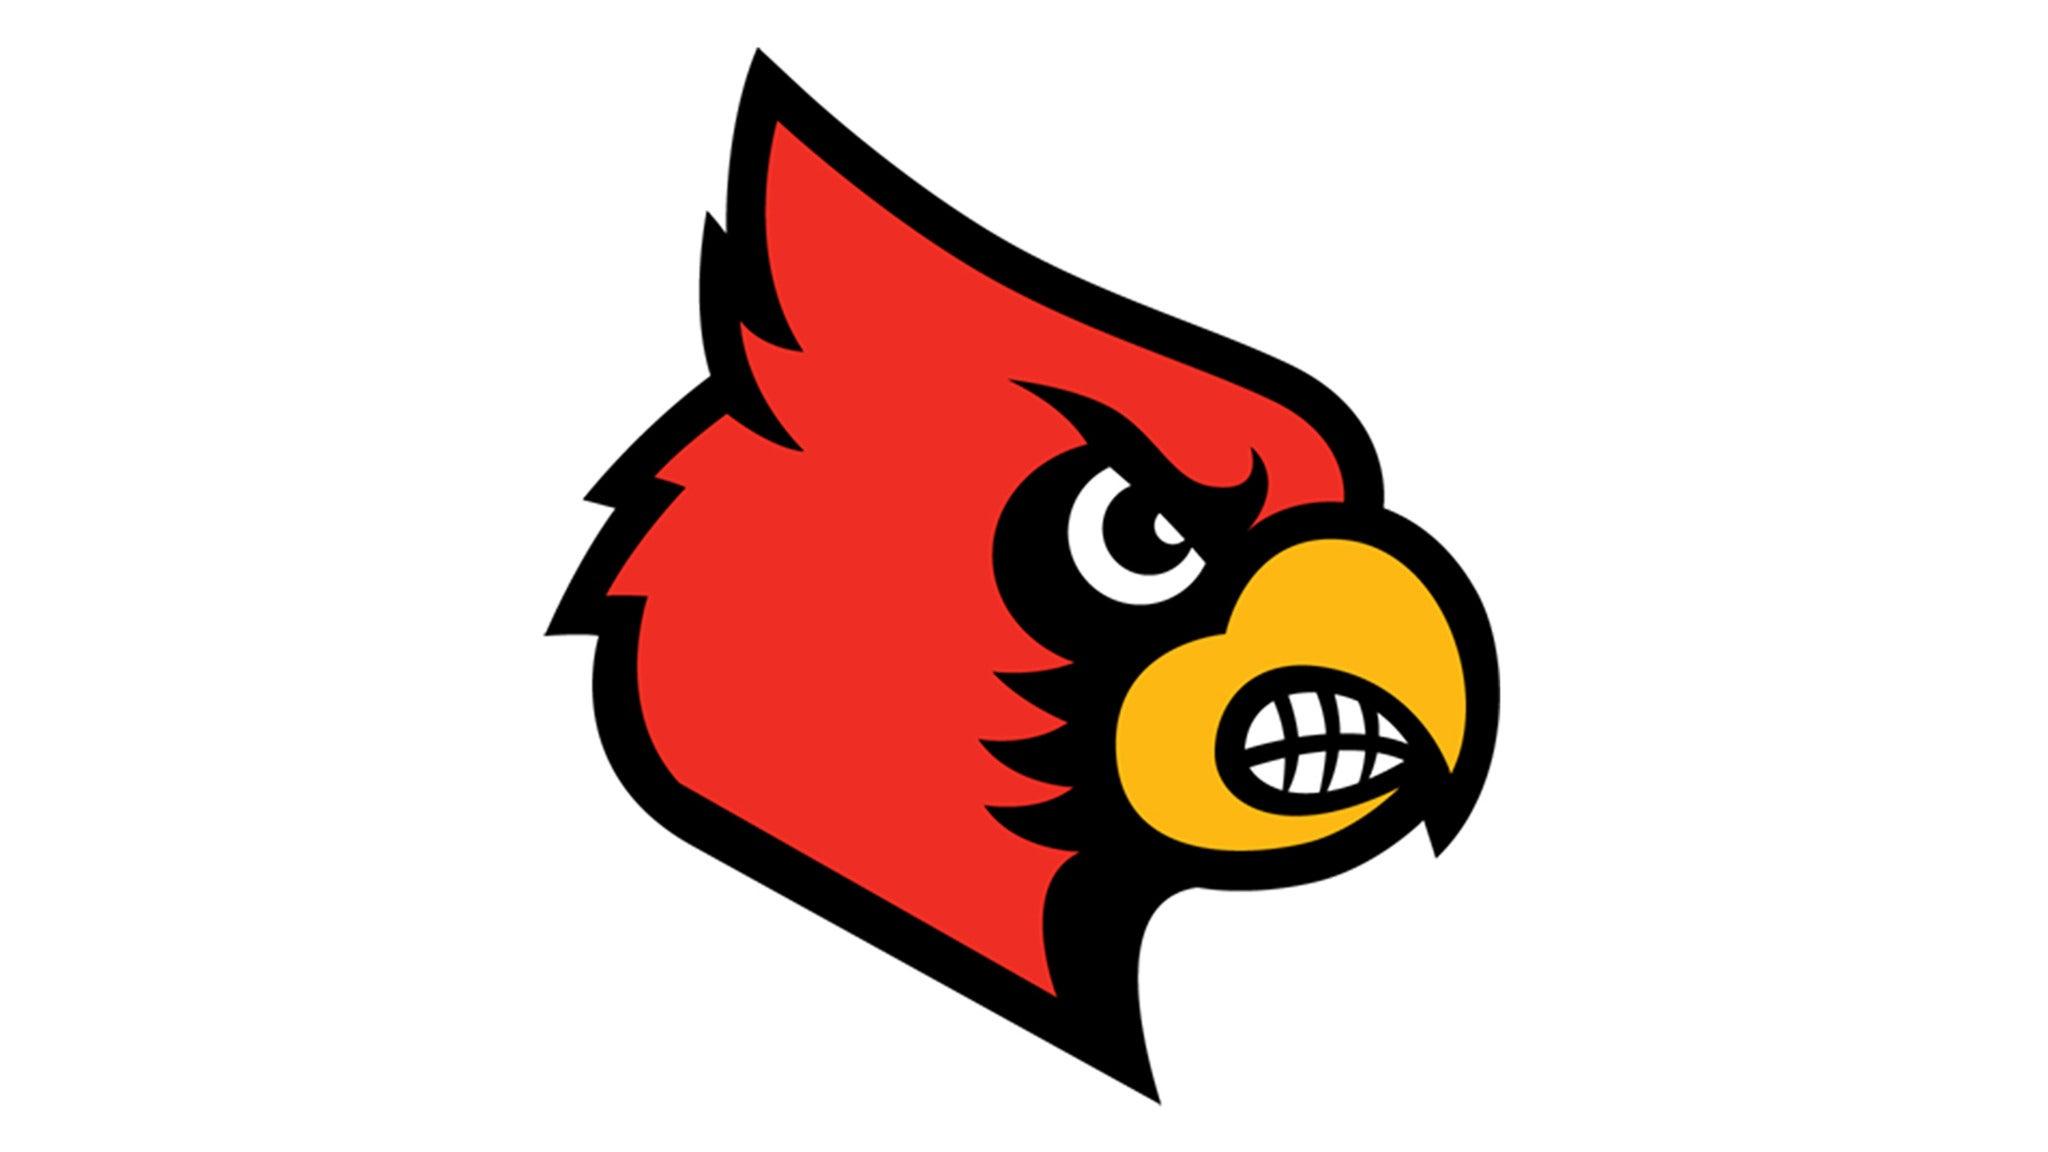 Louisville Cardinals Mens Basketball at KFC Yum! Center